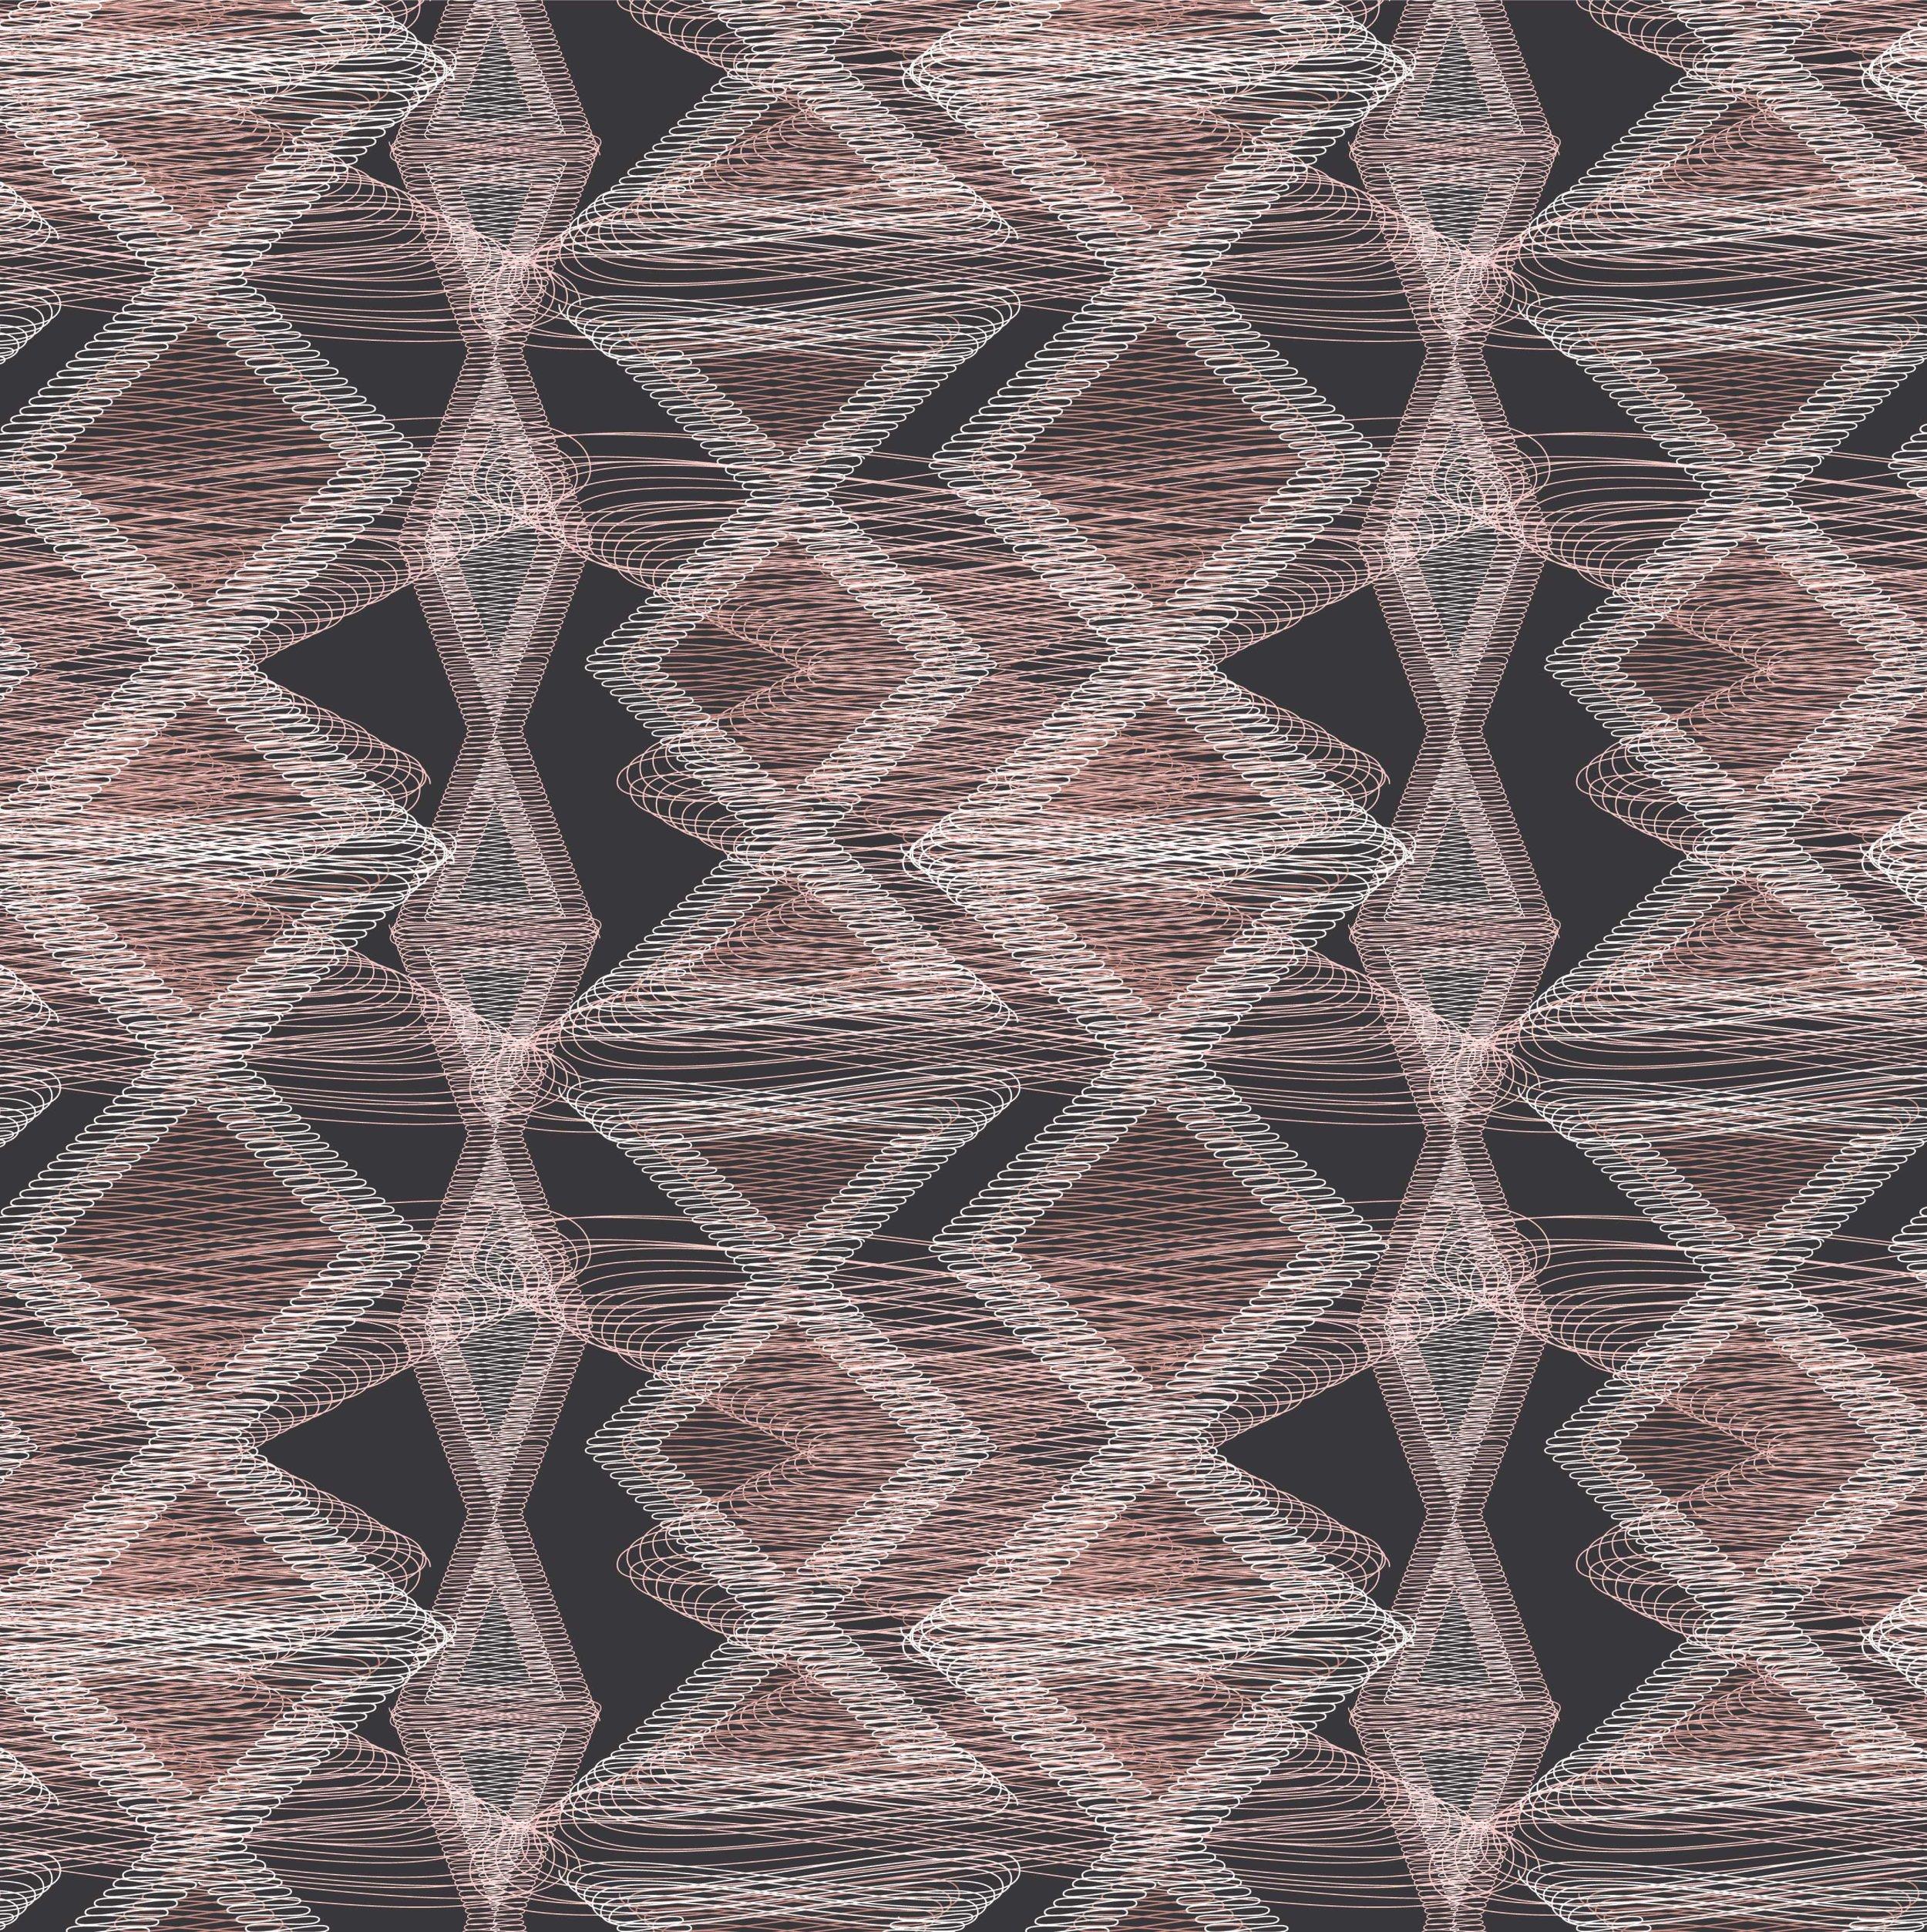 dazzling-jewels_plum-tones_flat_800-pix_72-dpi.jpg